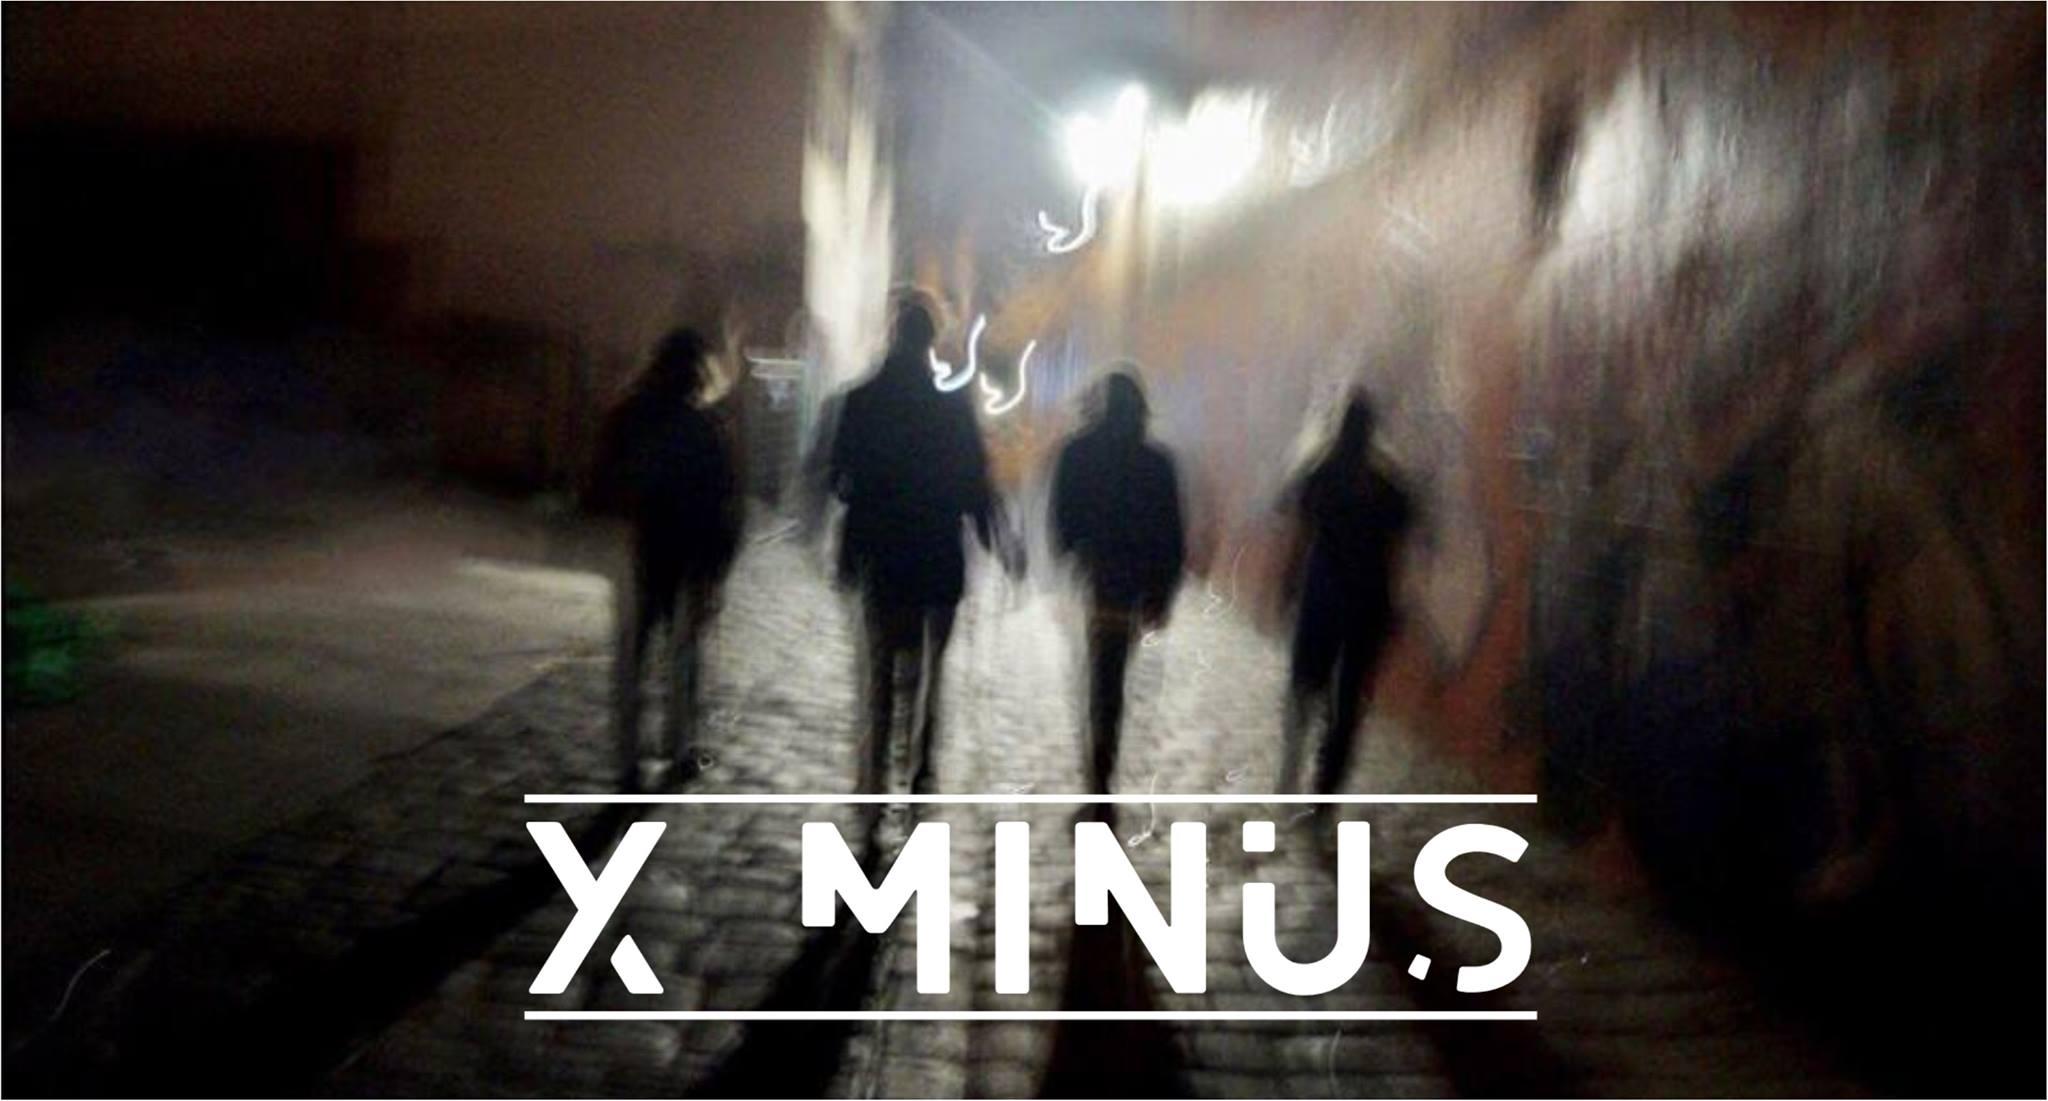 X Minus